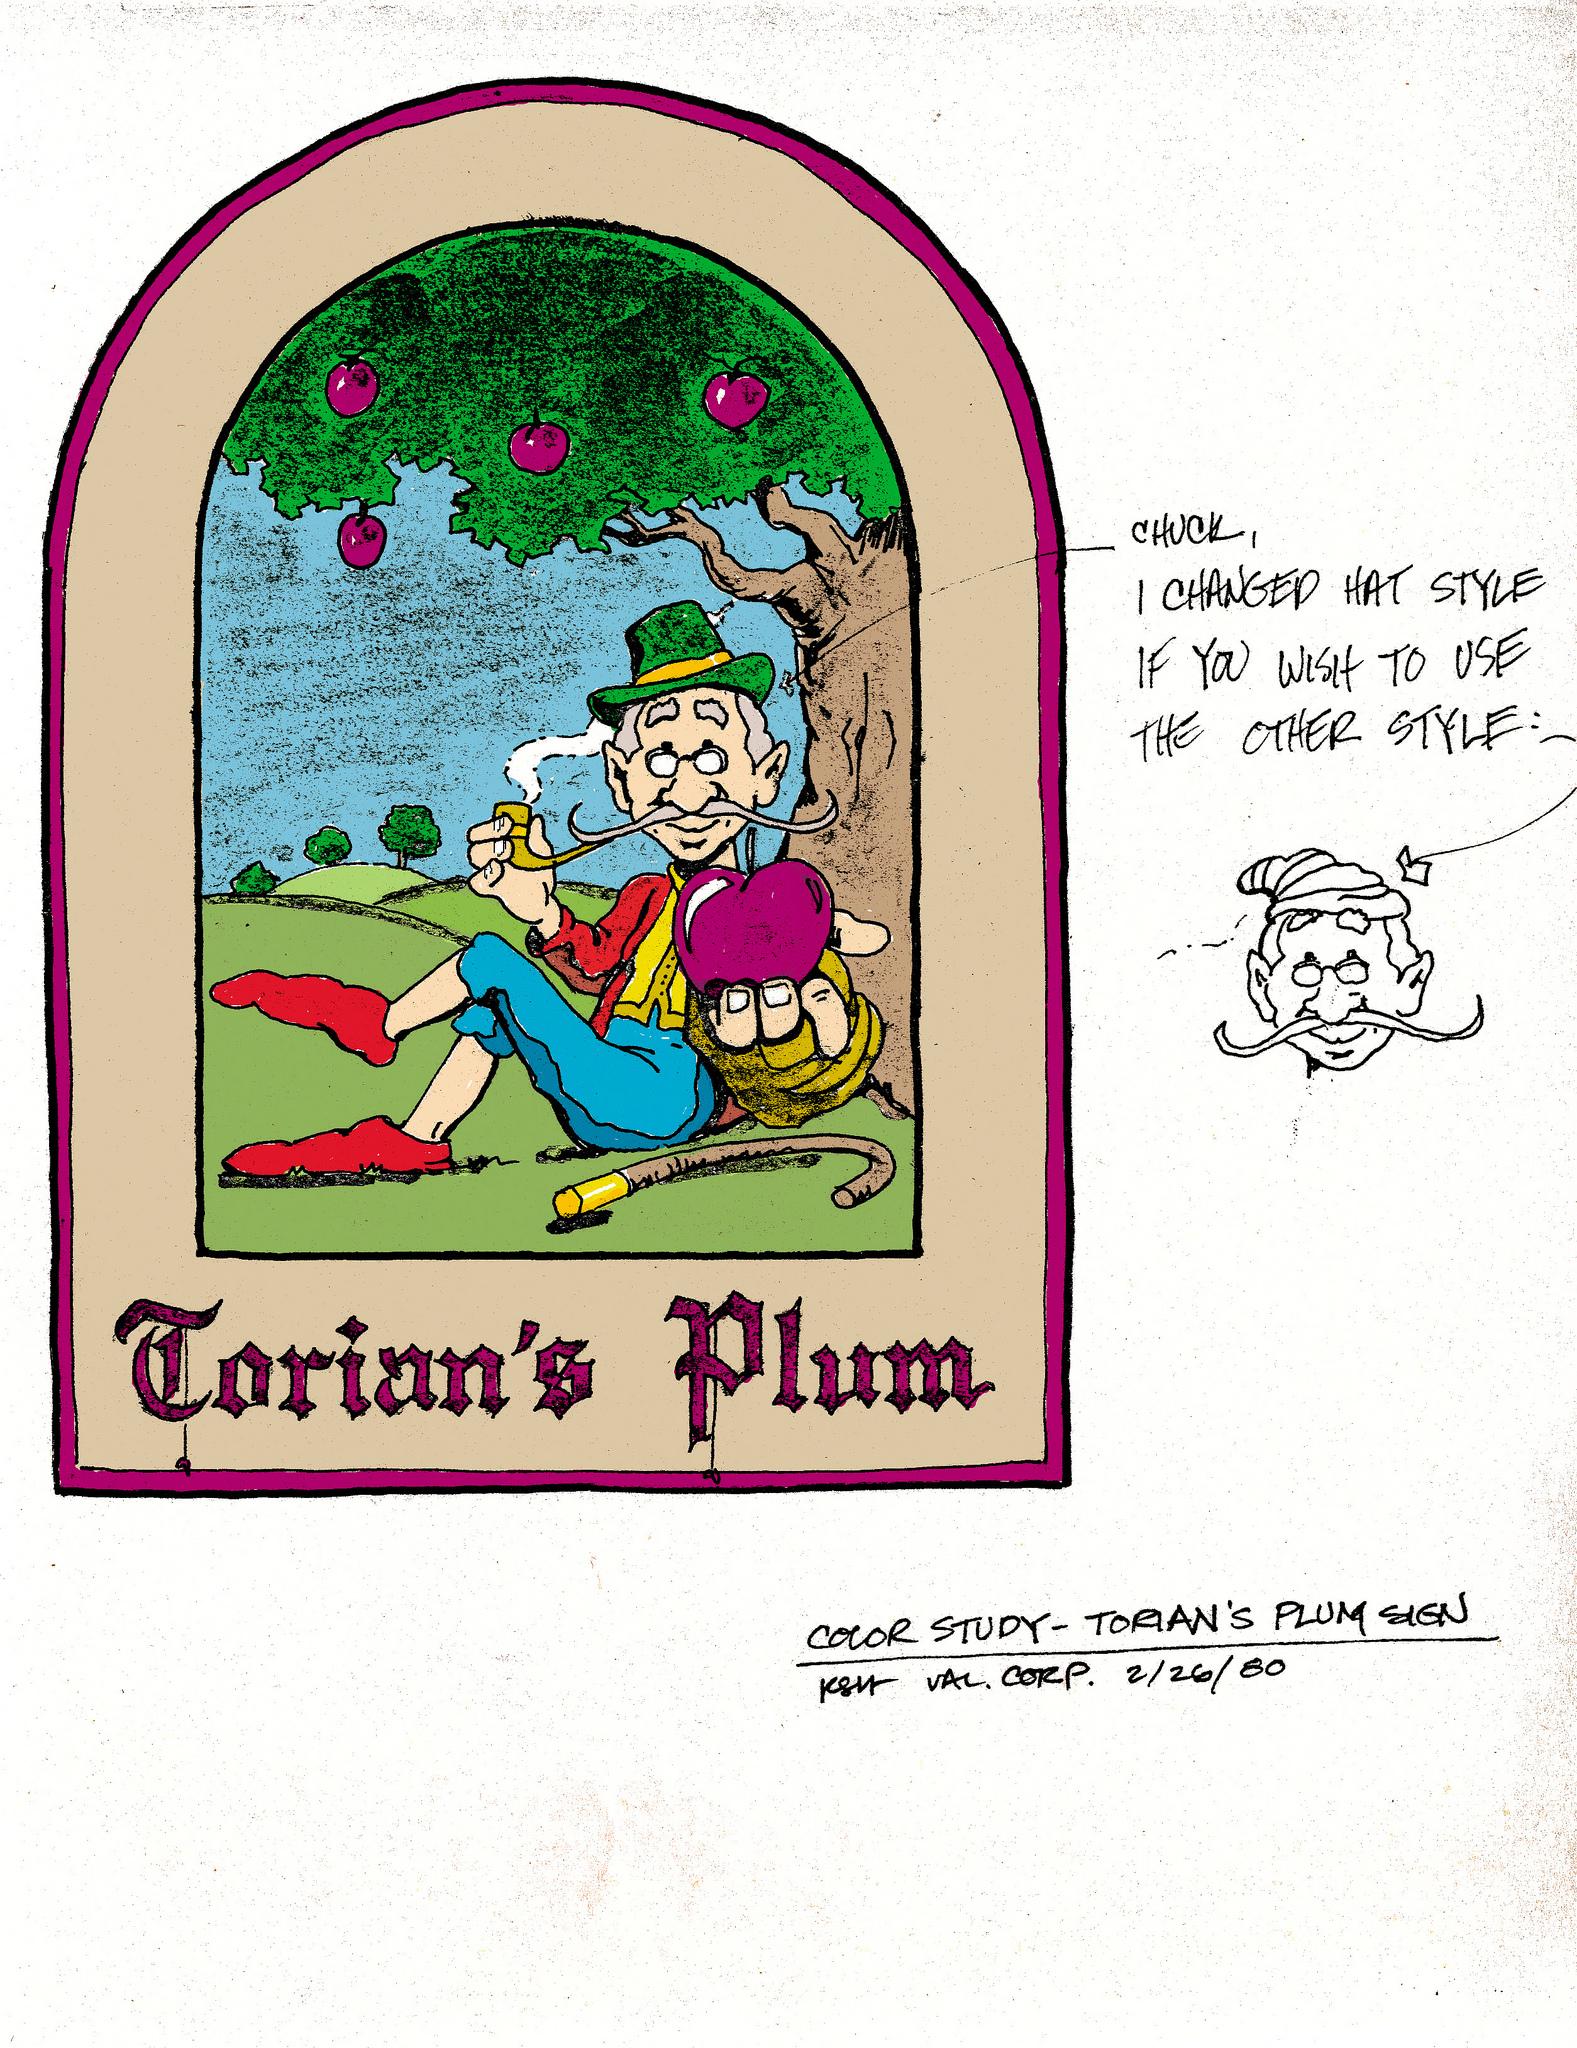 Torian's Plum 8055036950[K].jpg